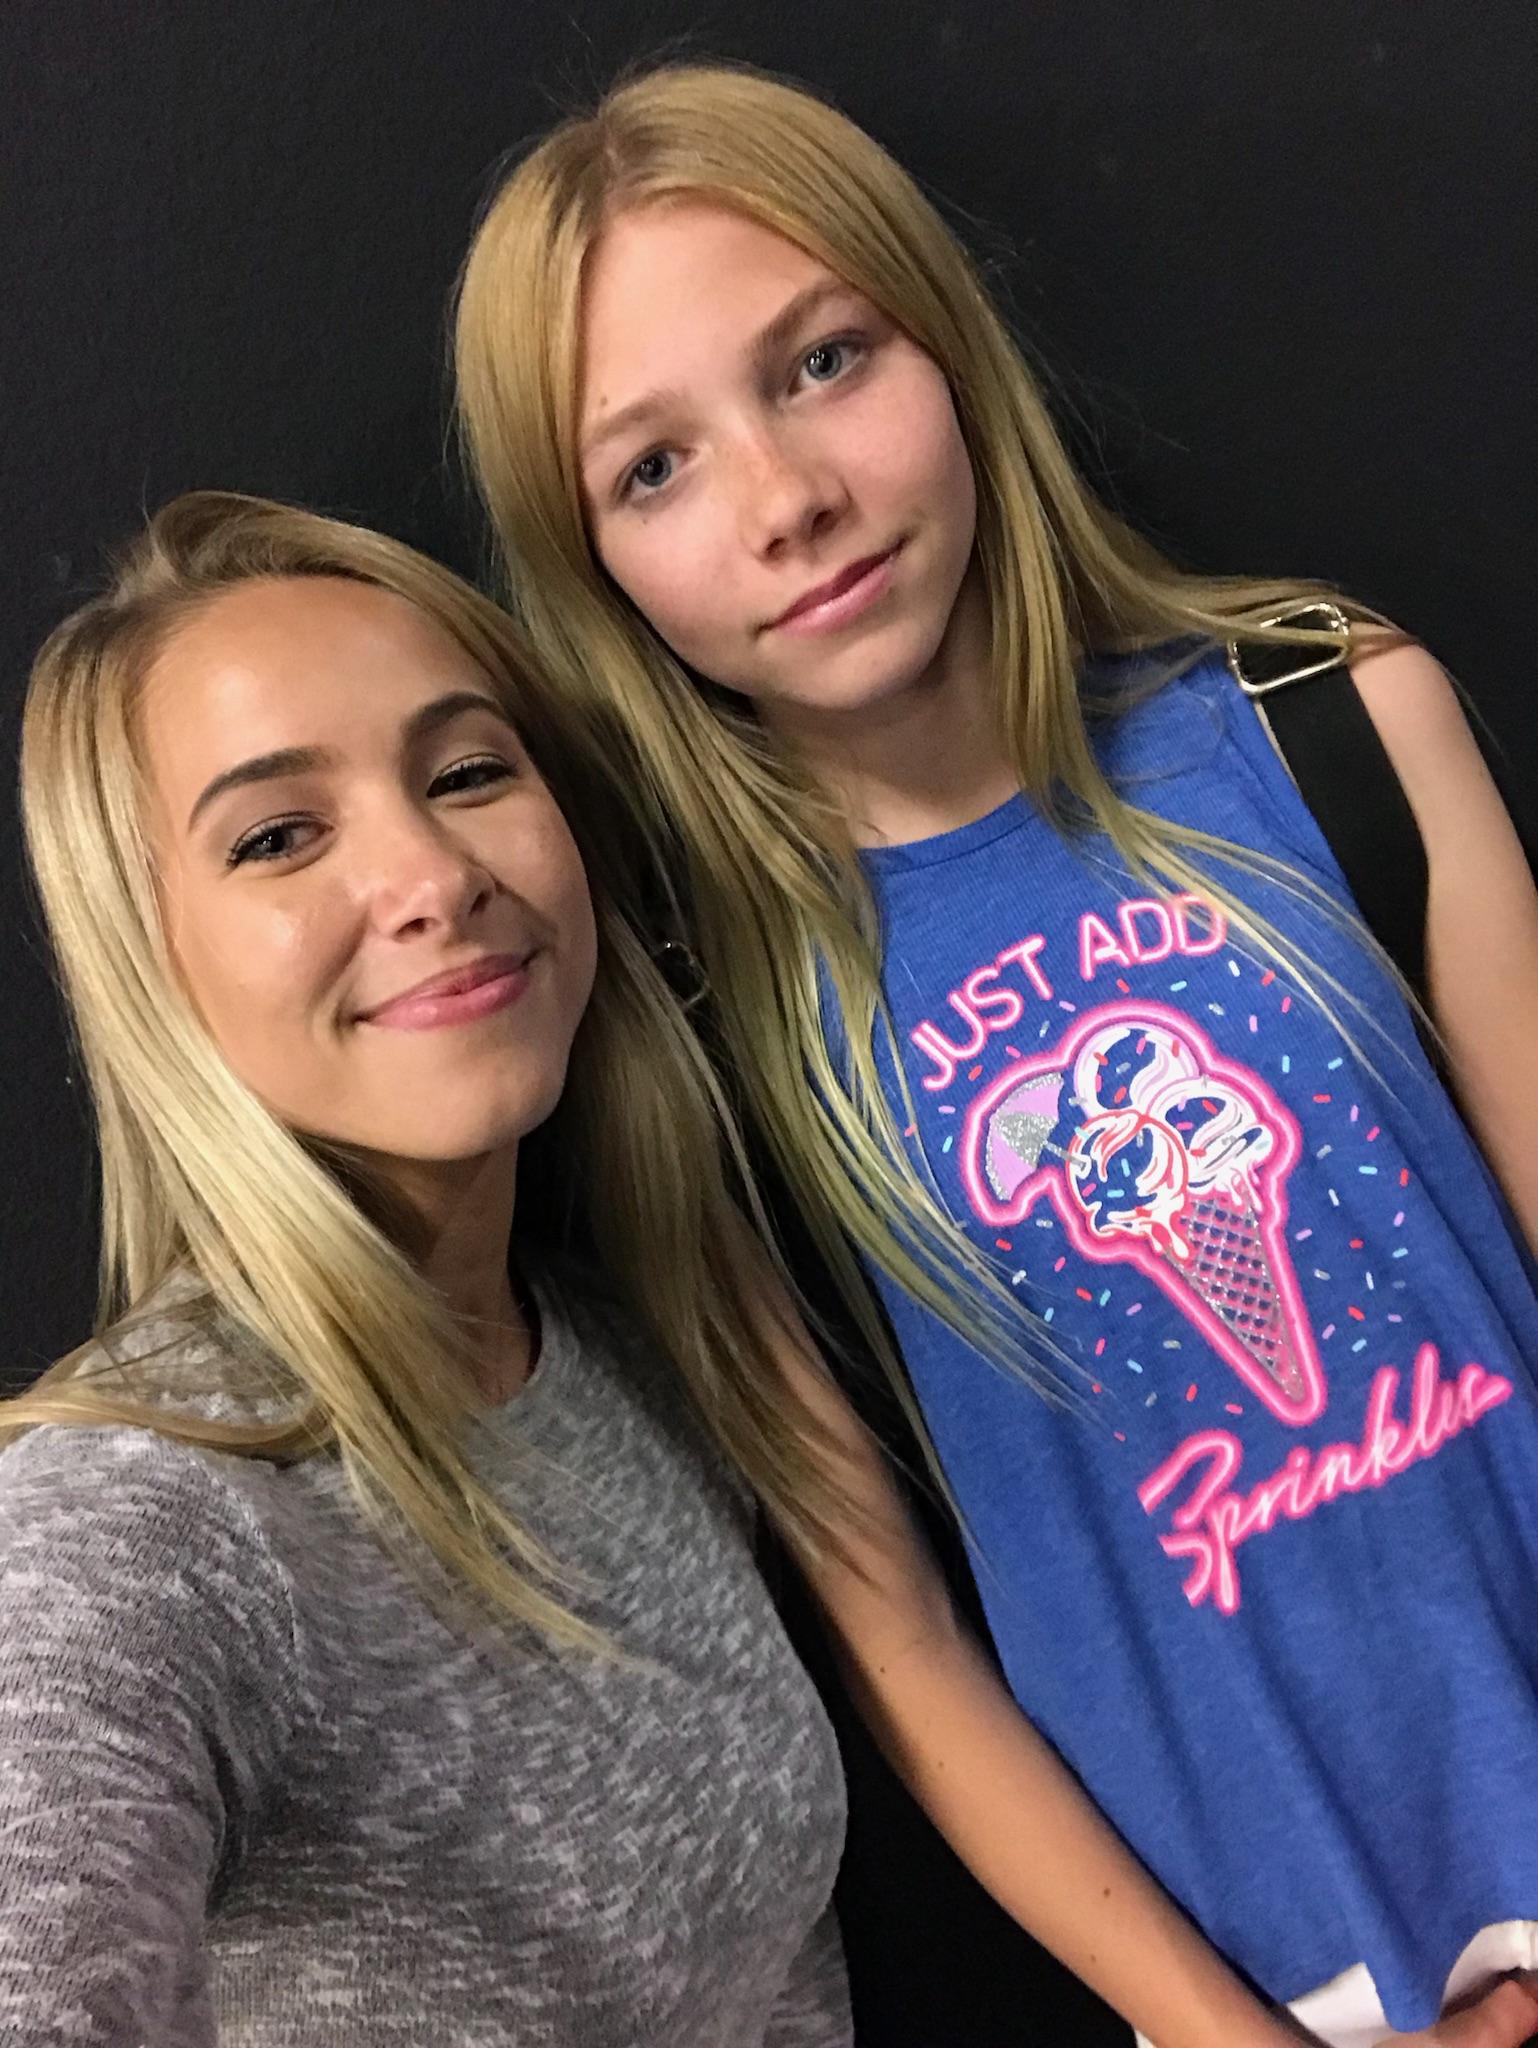 Dani and Young Dani